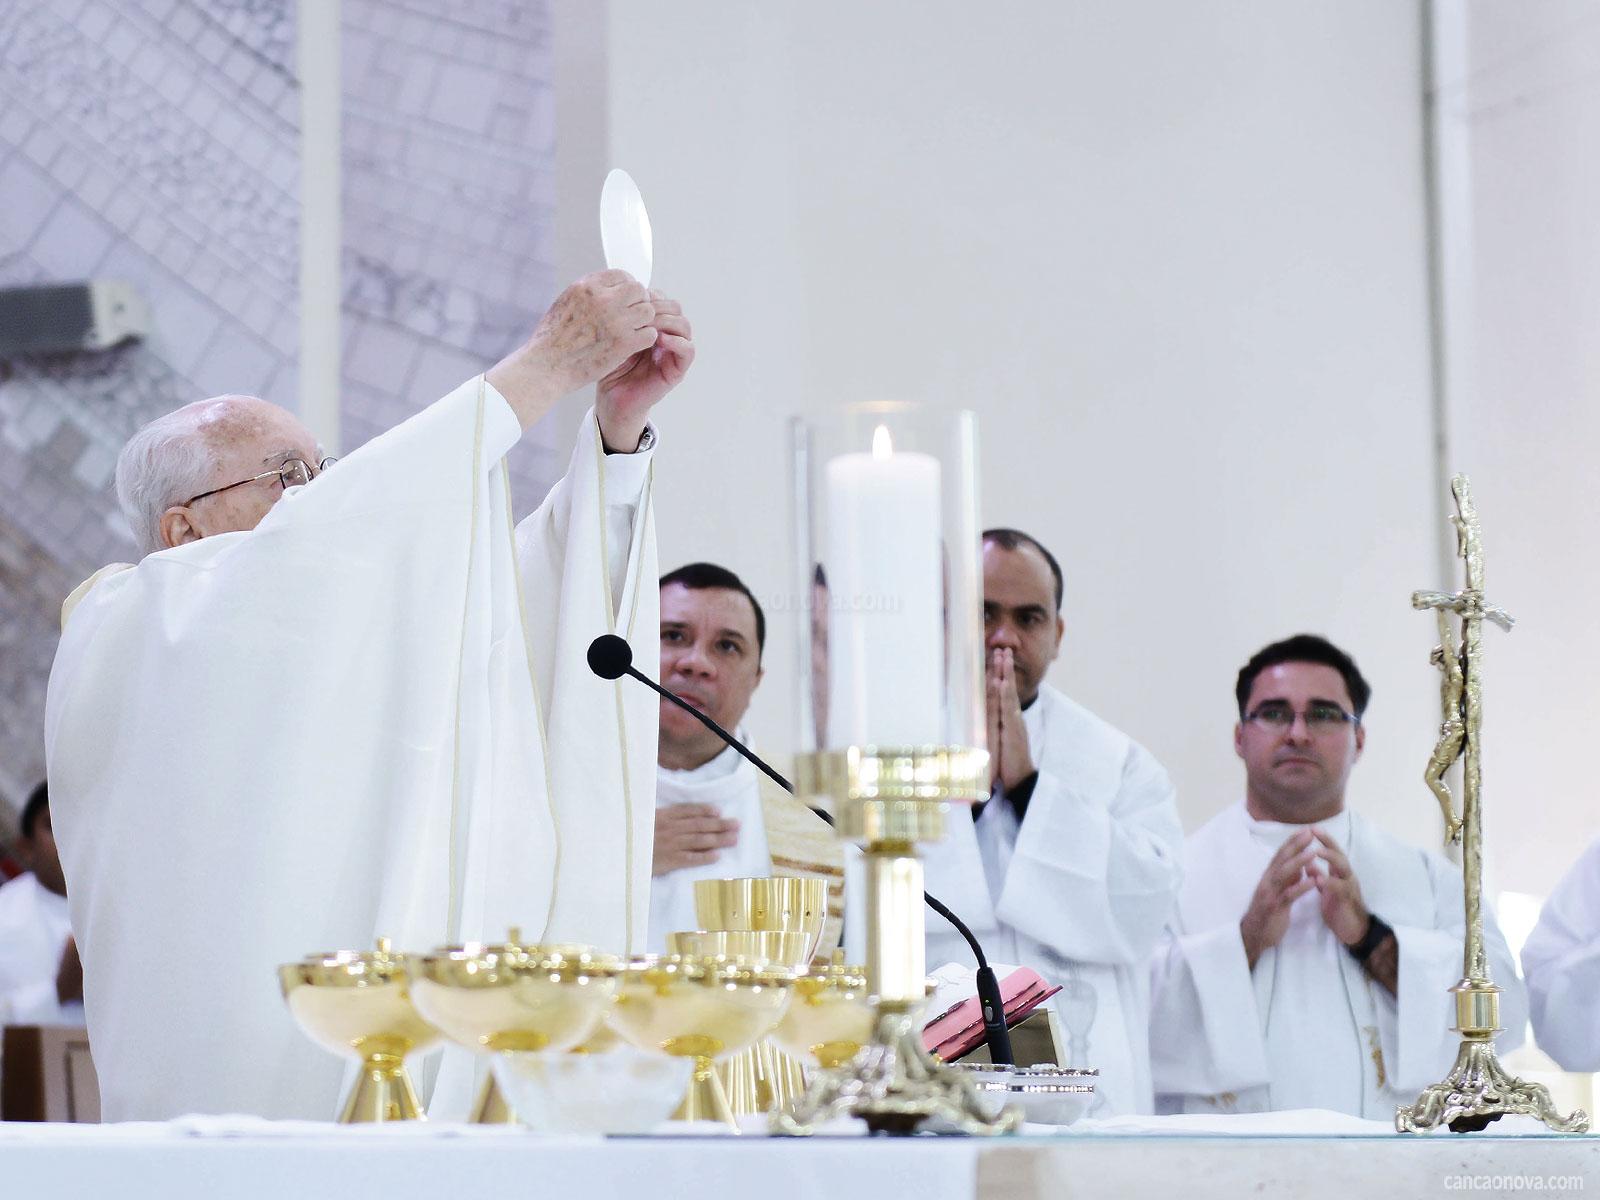 A-Eucaristia-é-parusia,-presença-real-de-Jesus-Cristo